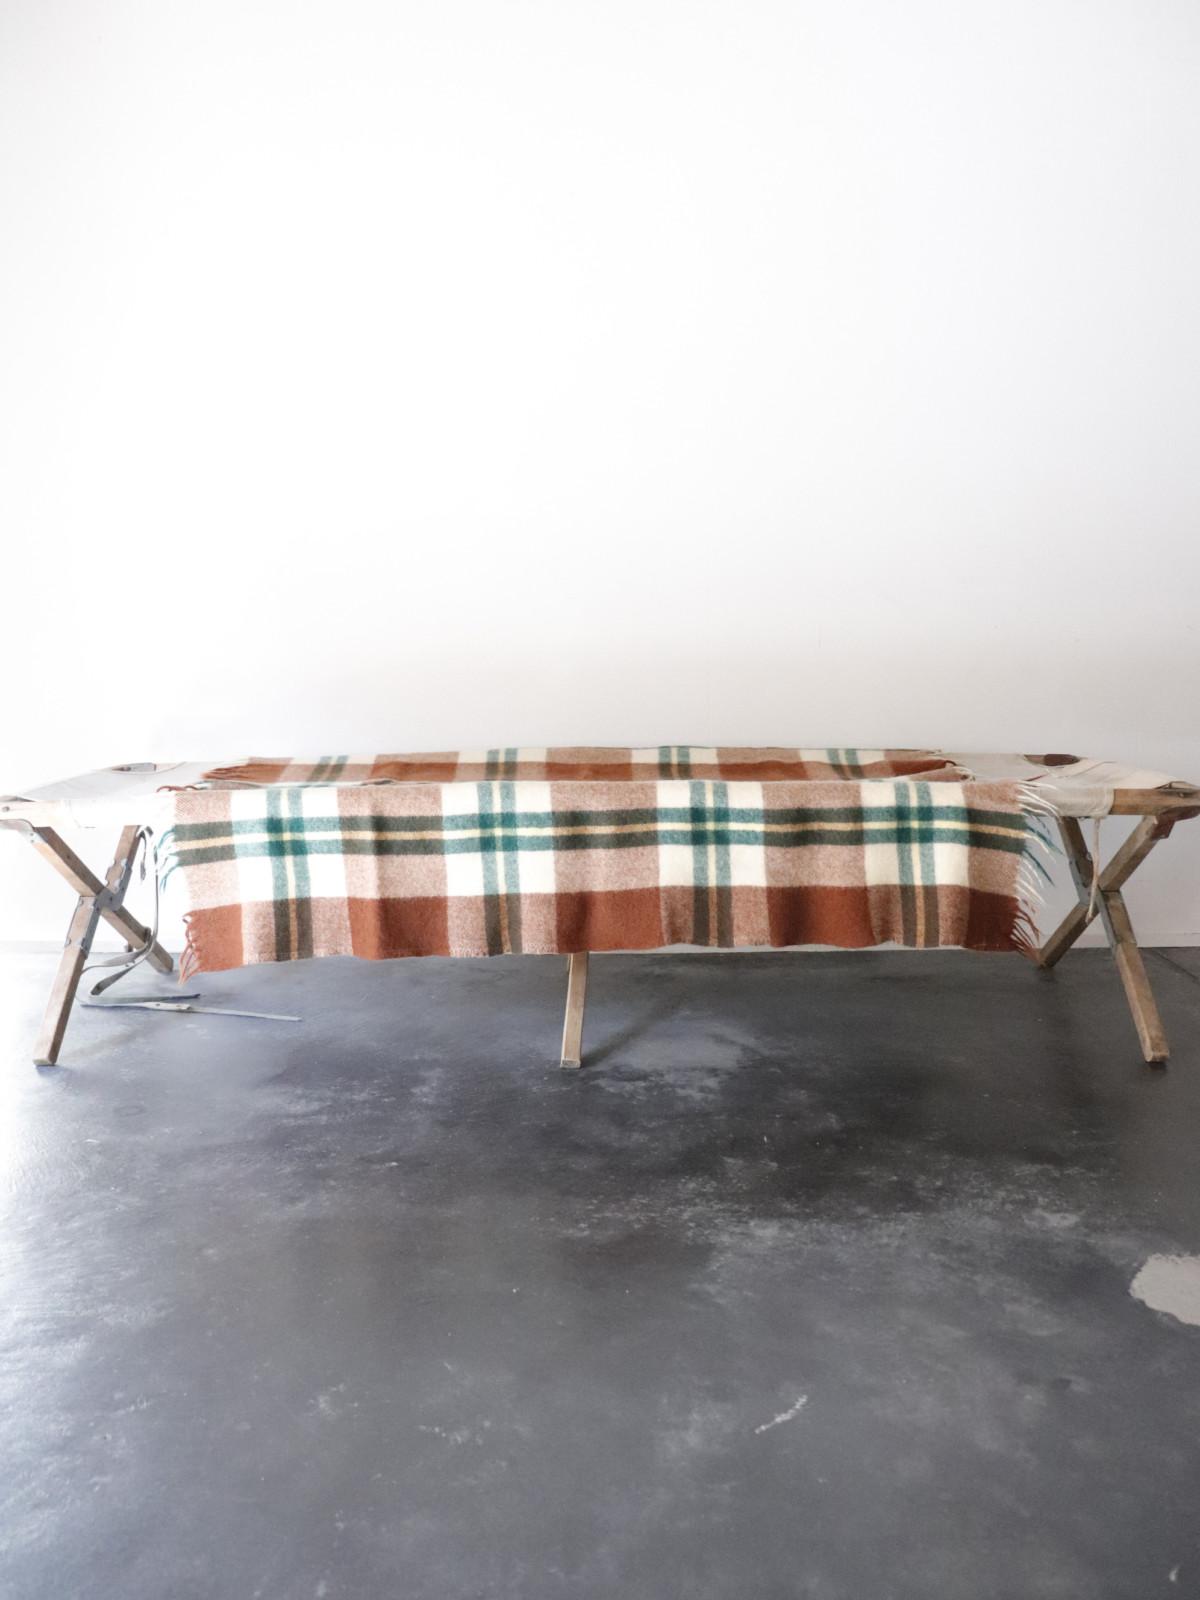 TROY, Vintage,Blanket,USA